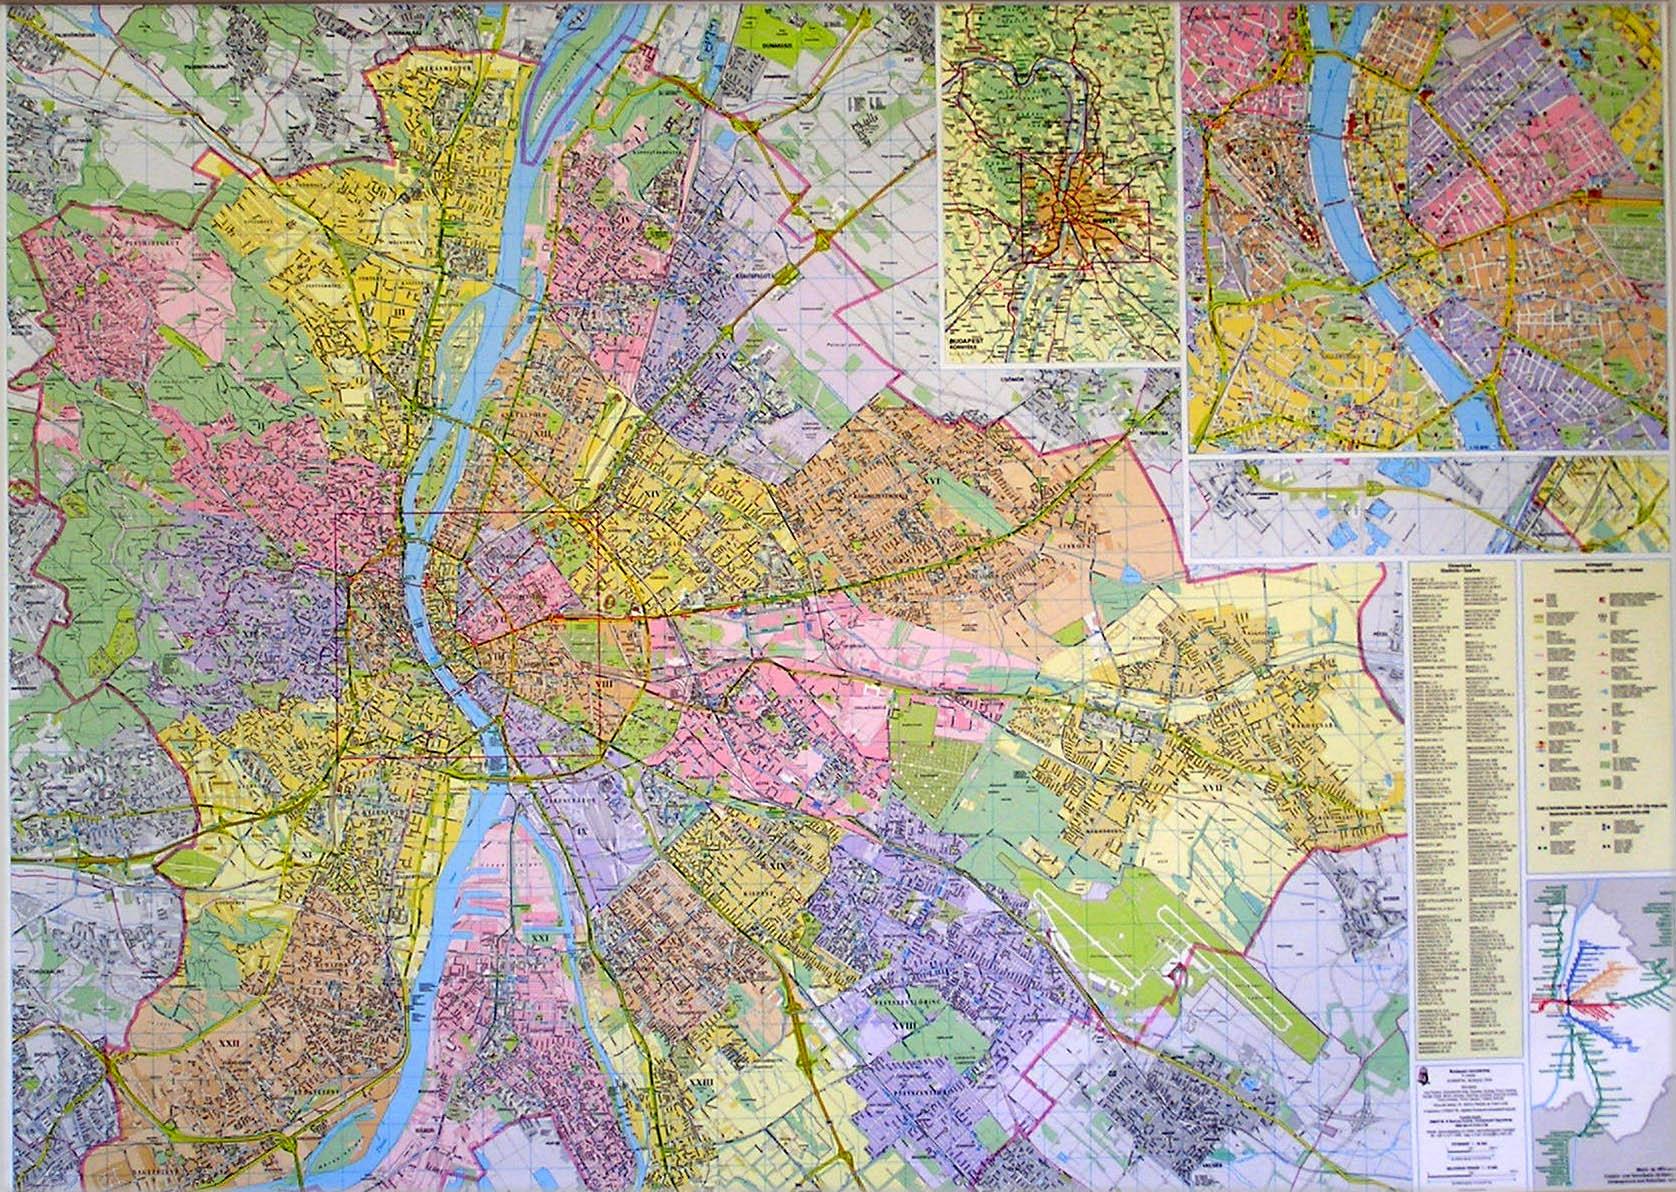 budapest térkép 1960 Hibernia Nova Kft. budapest térkép 1960